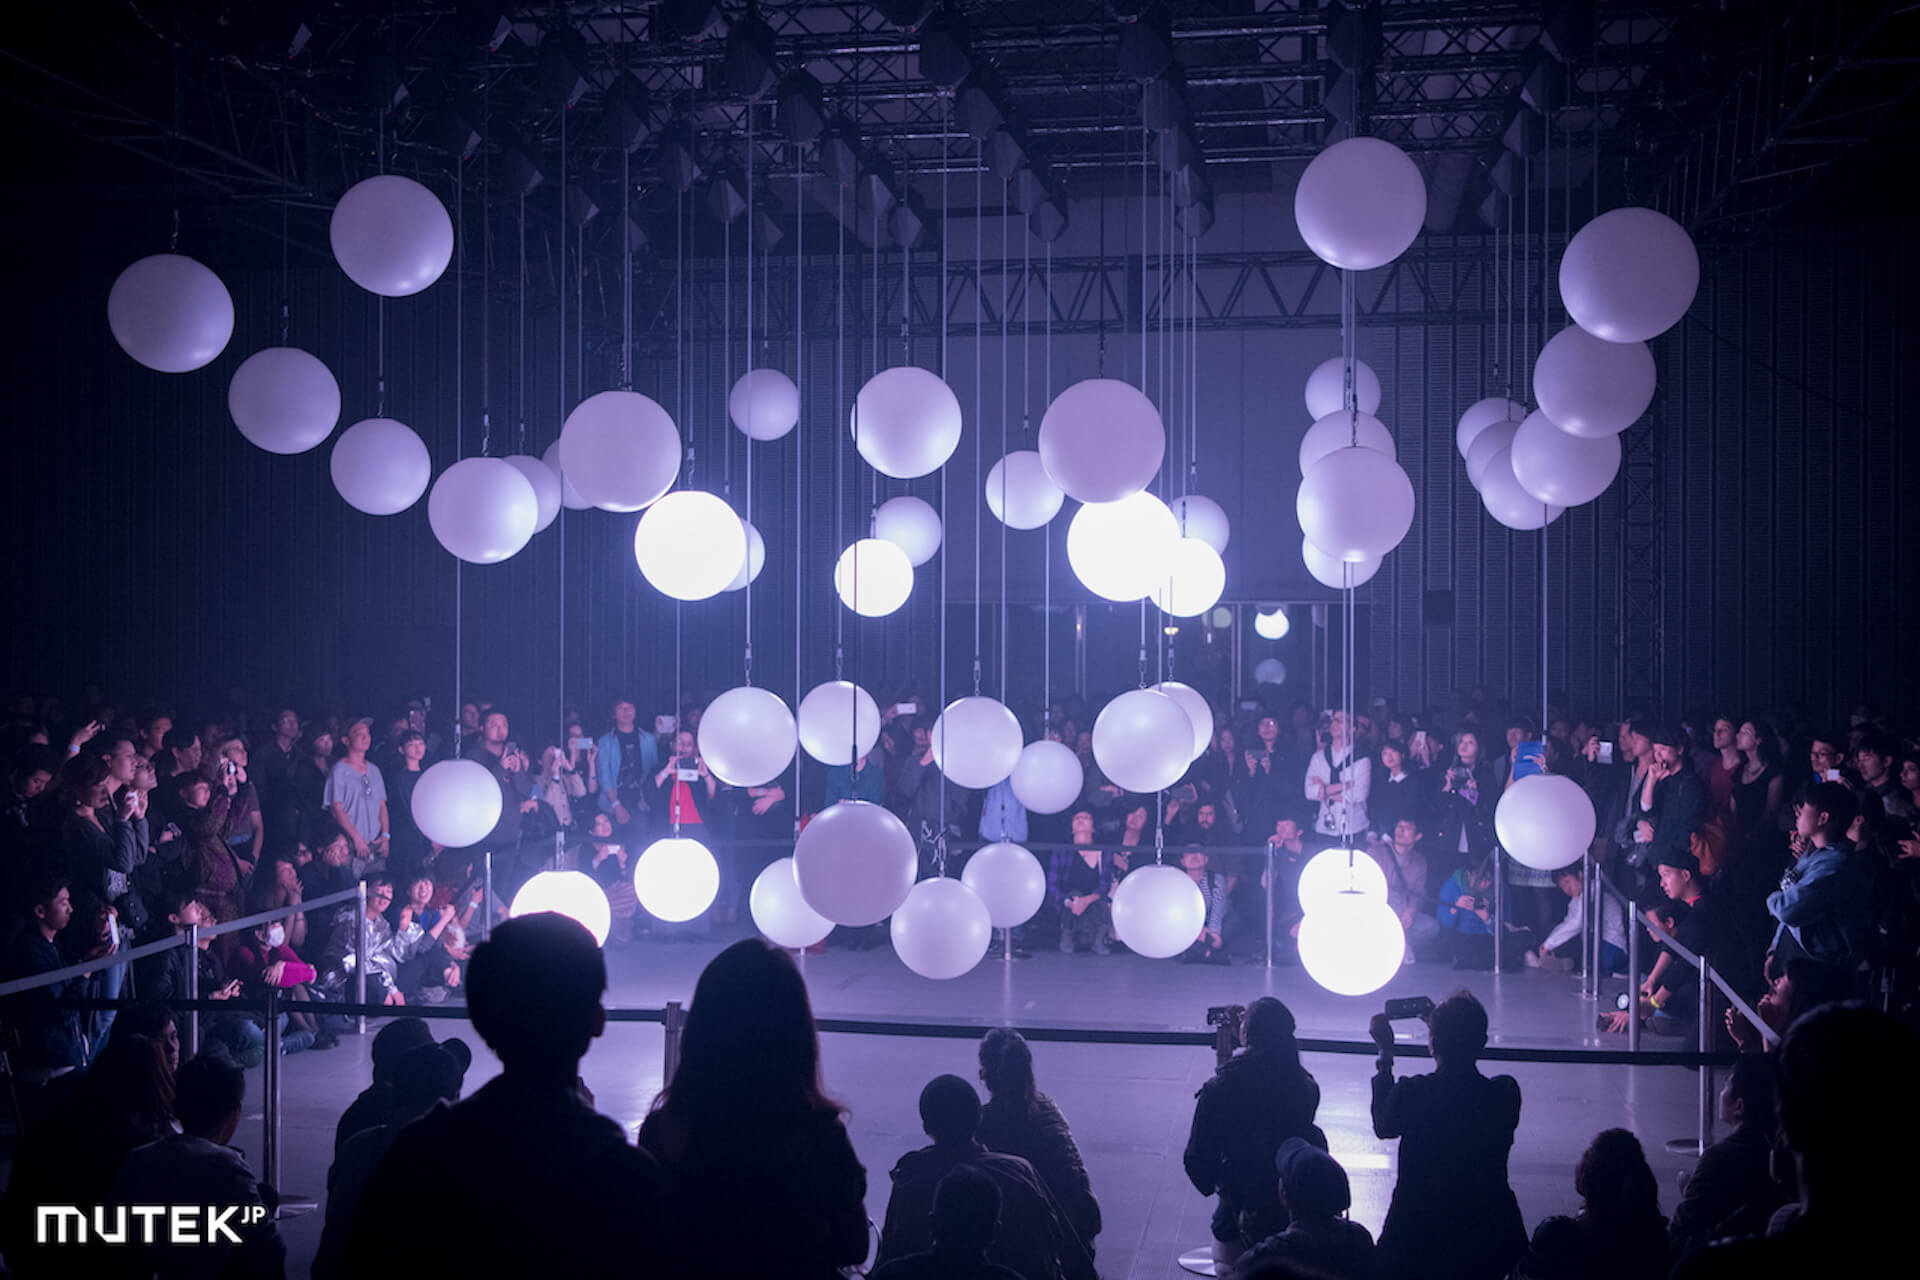 電子音楽&デジタルアートの祭典が渋谷に!<MUTEK.JP>最終フルラインナップ&タイムテーブル発表 art191205_mutek_13